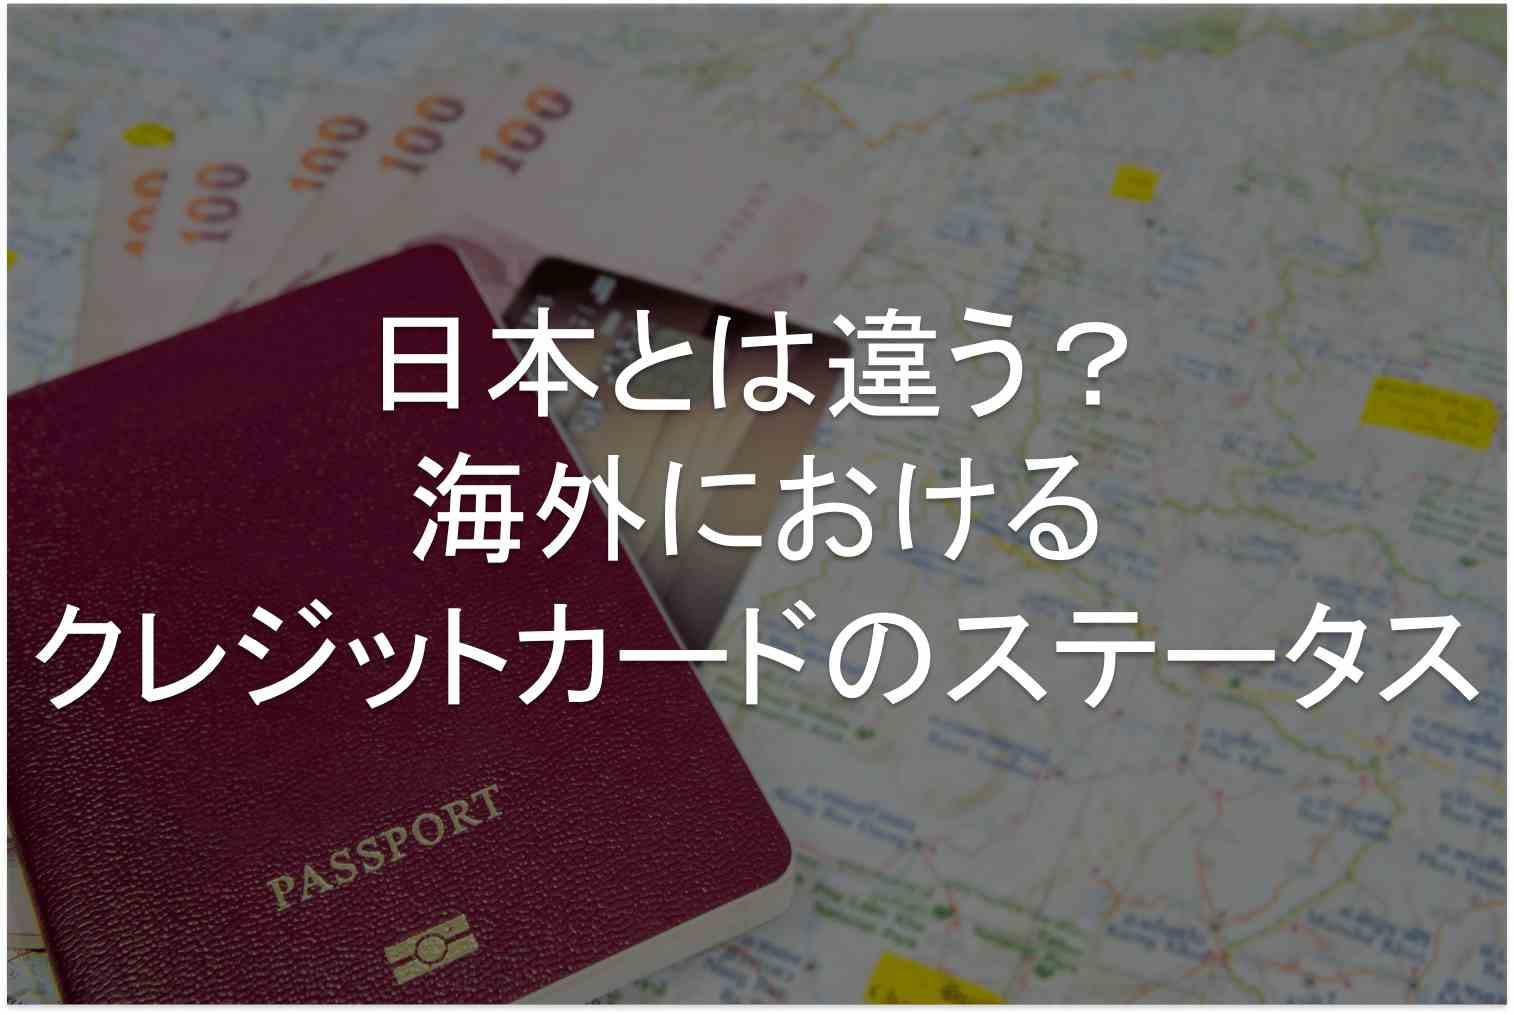 クレジットカード ステータス 海外